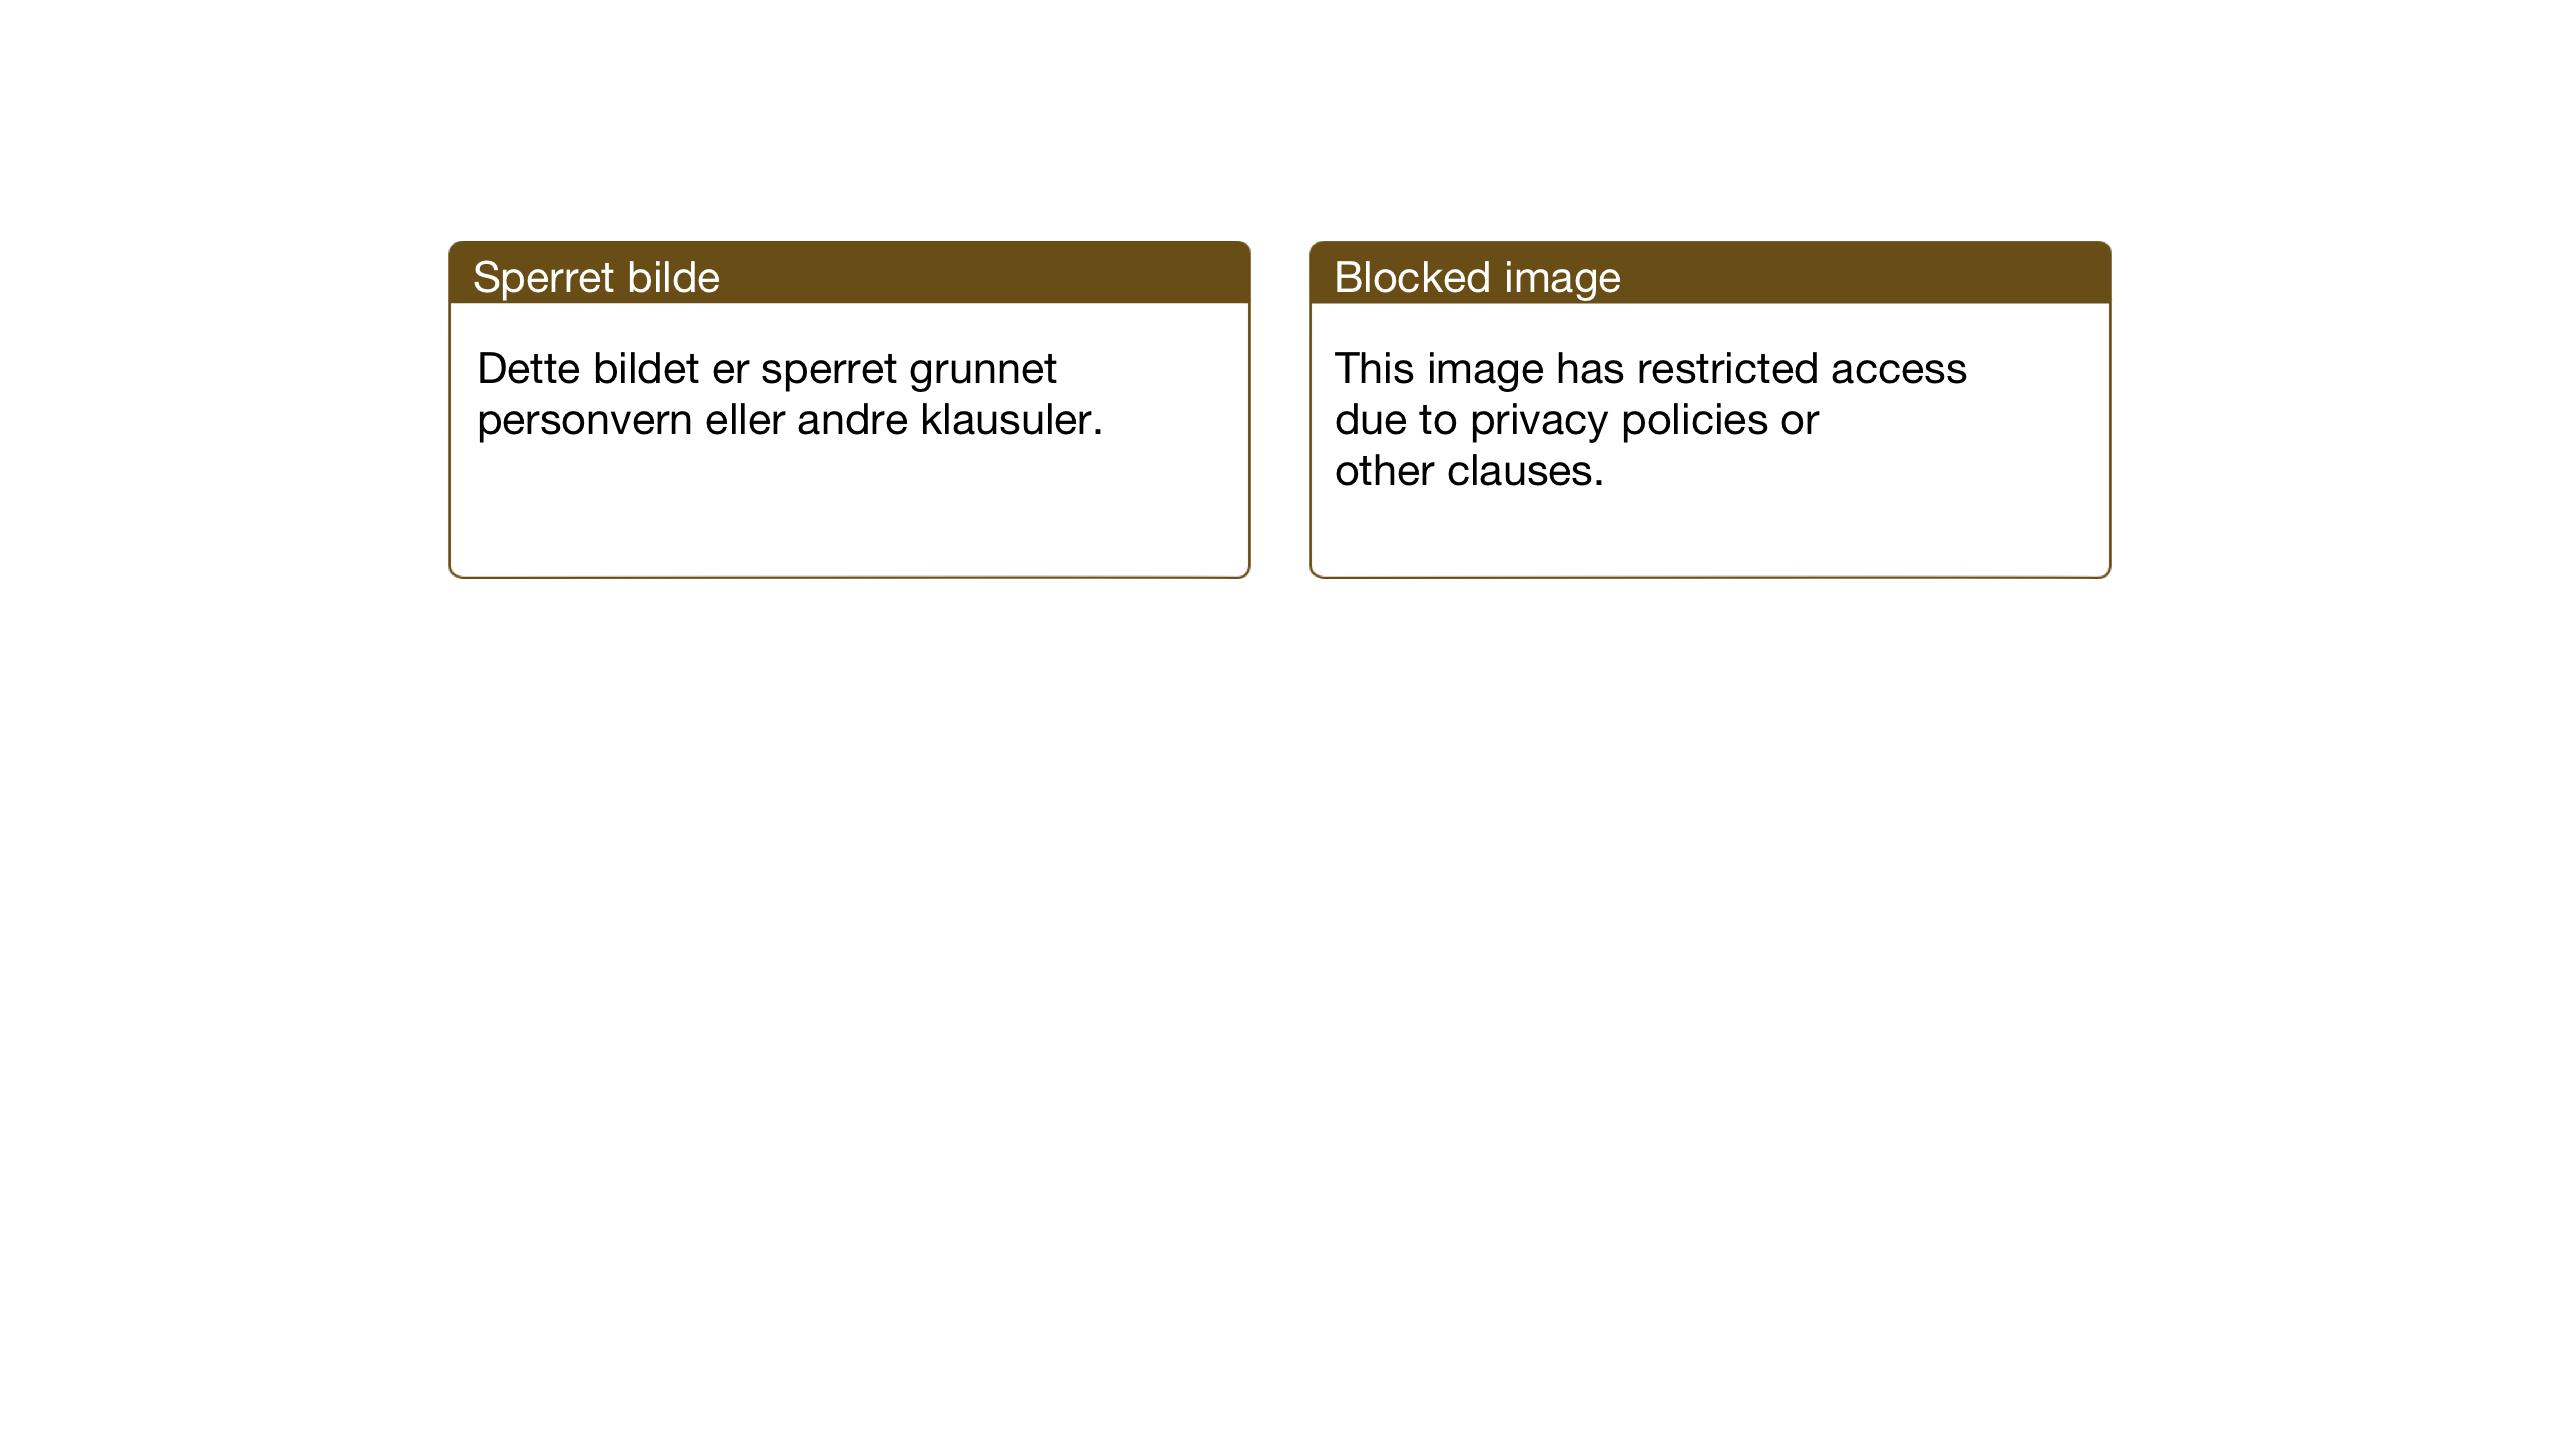 SAT, Ministerialprotokoller, klokkerbøker og fødselsregistre - Sør-Trøndelag, 681/L0944: Klokkerbok nr. 681C08, 1926-1954, s. 23